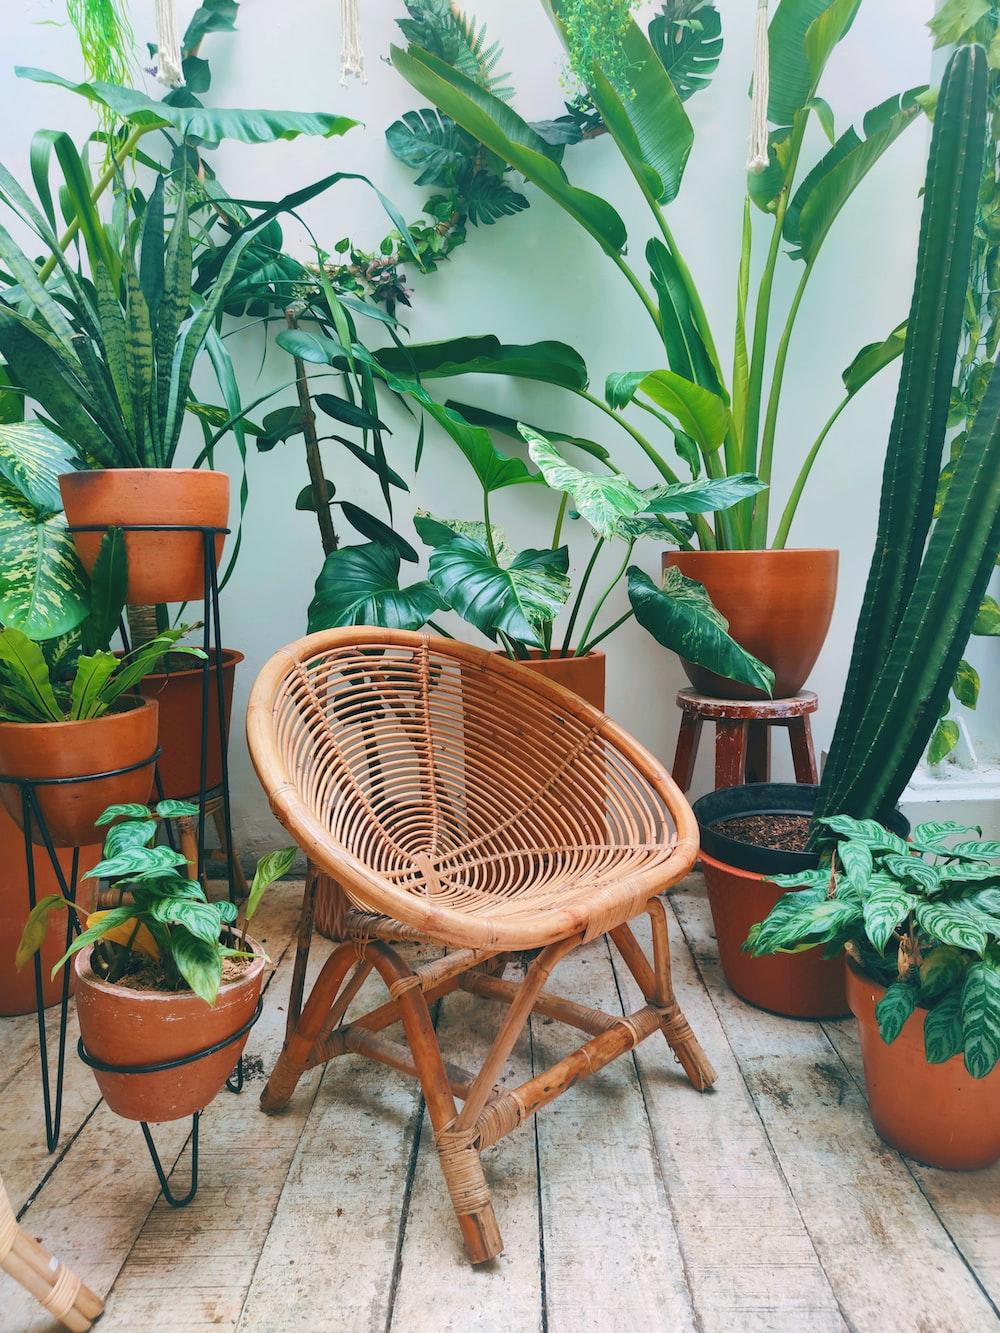 brown woven chair near green plant